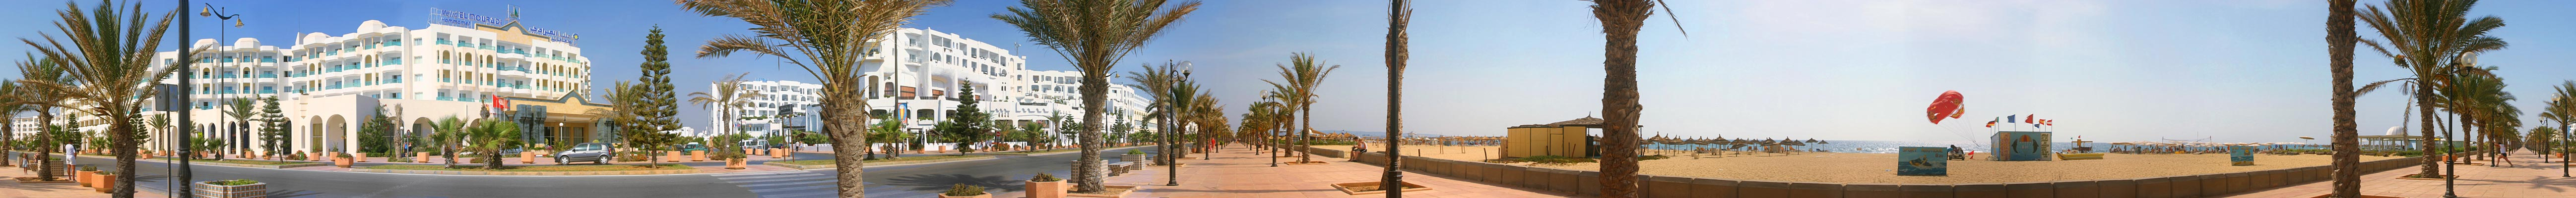 combien coute une prostituée en tunisie